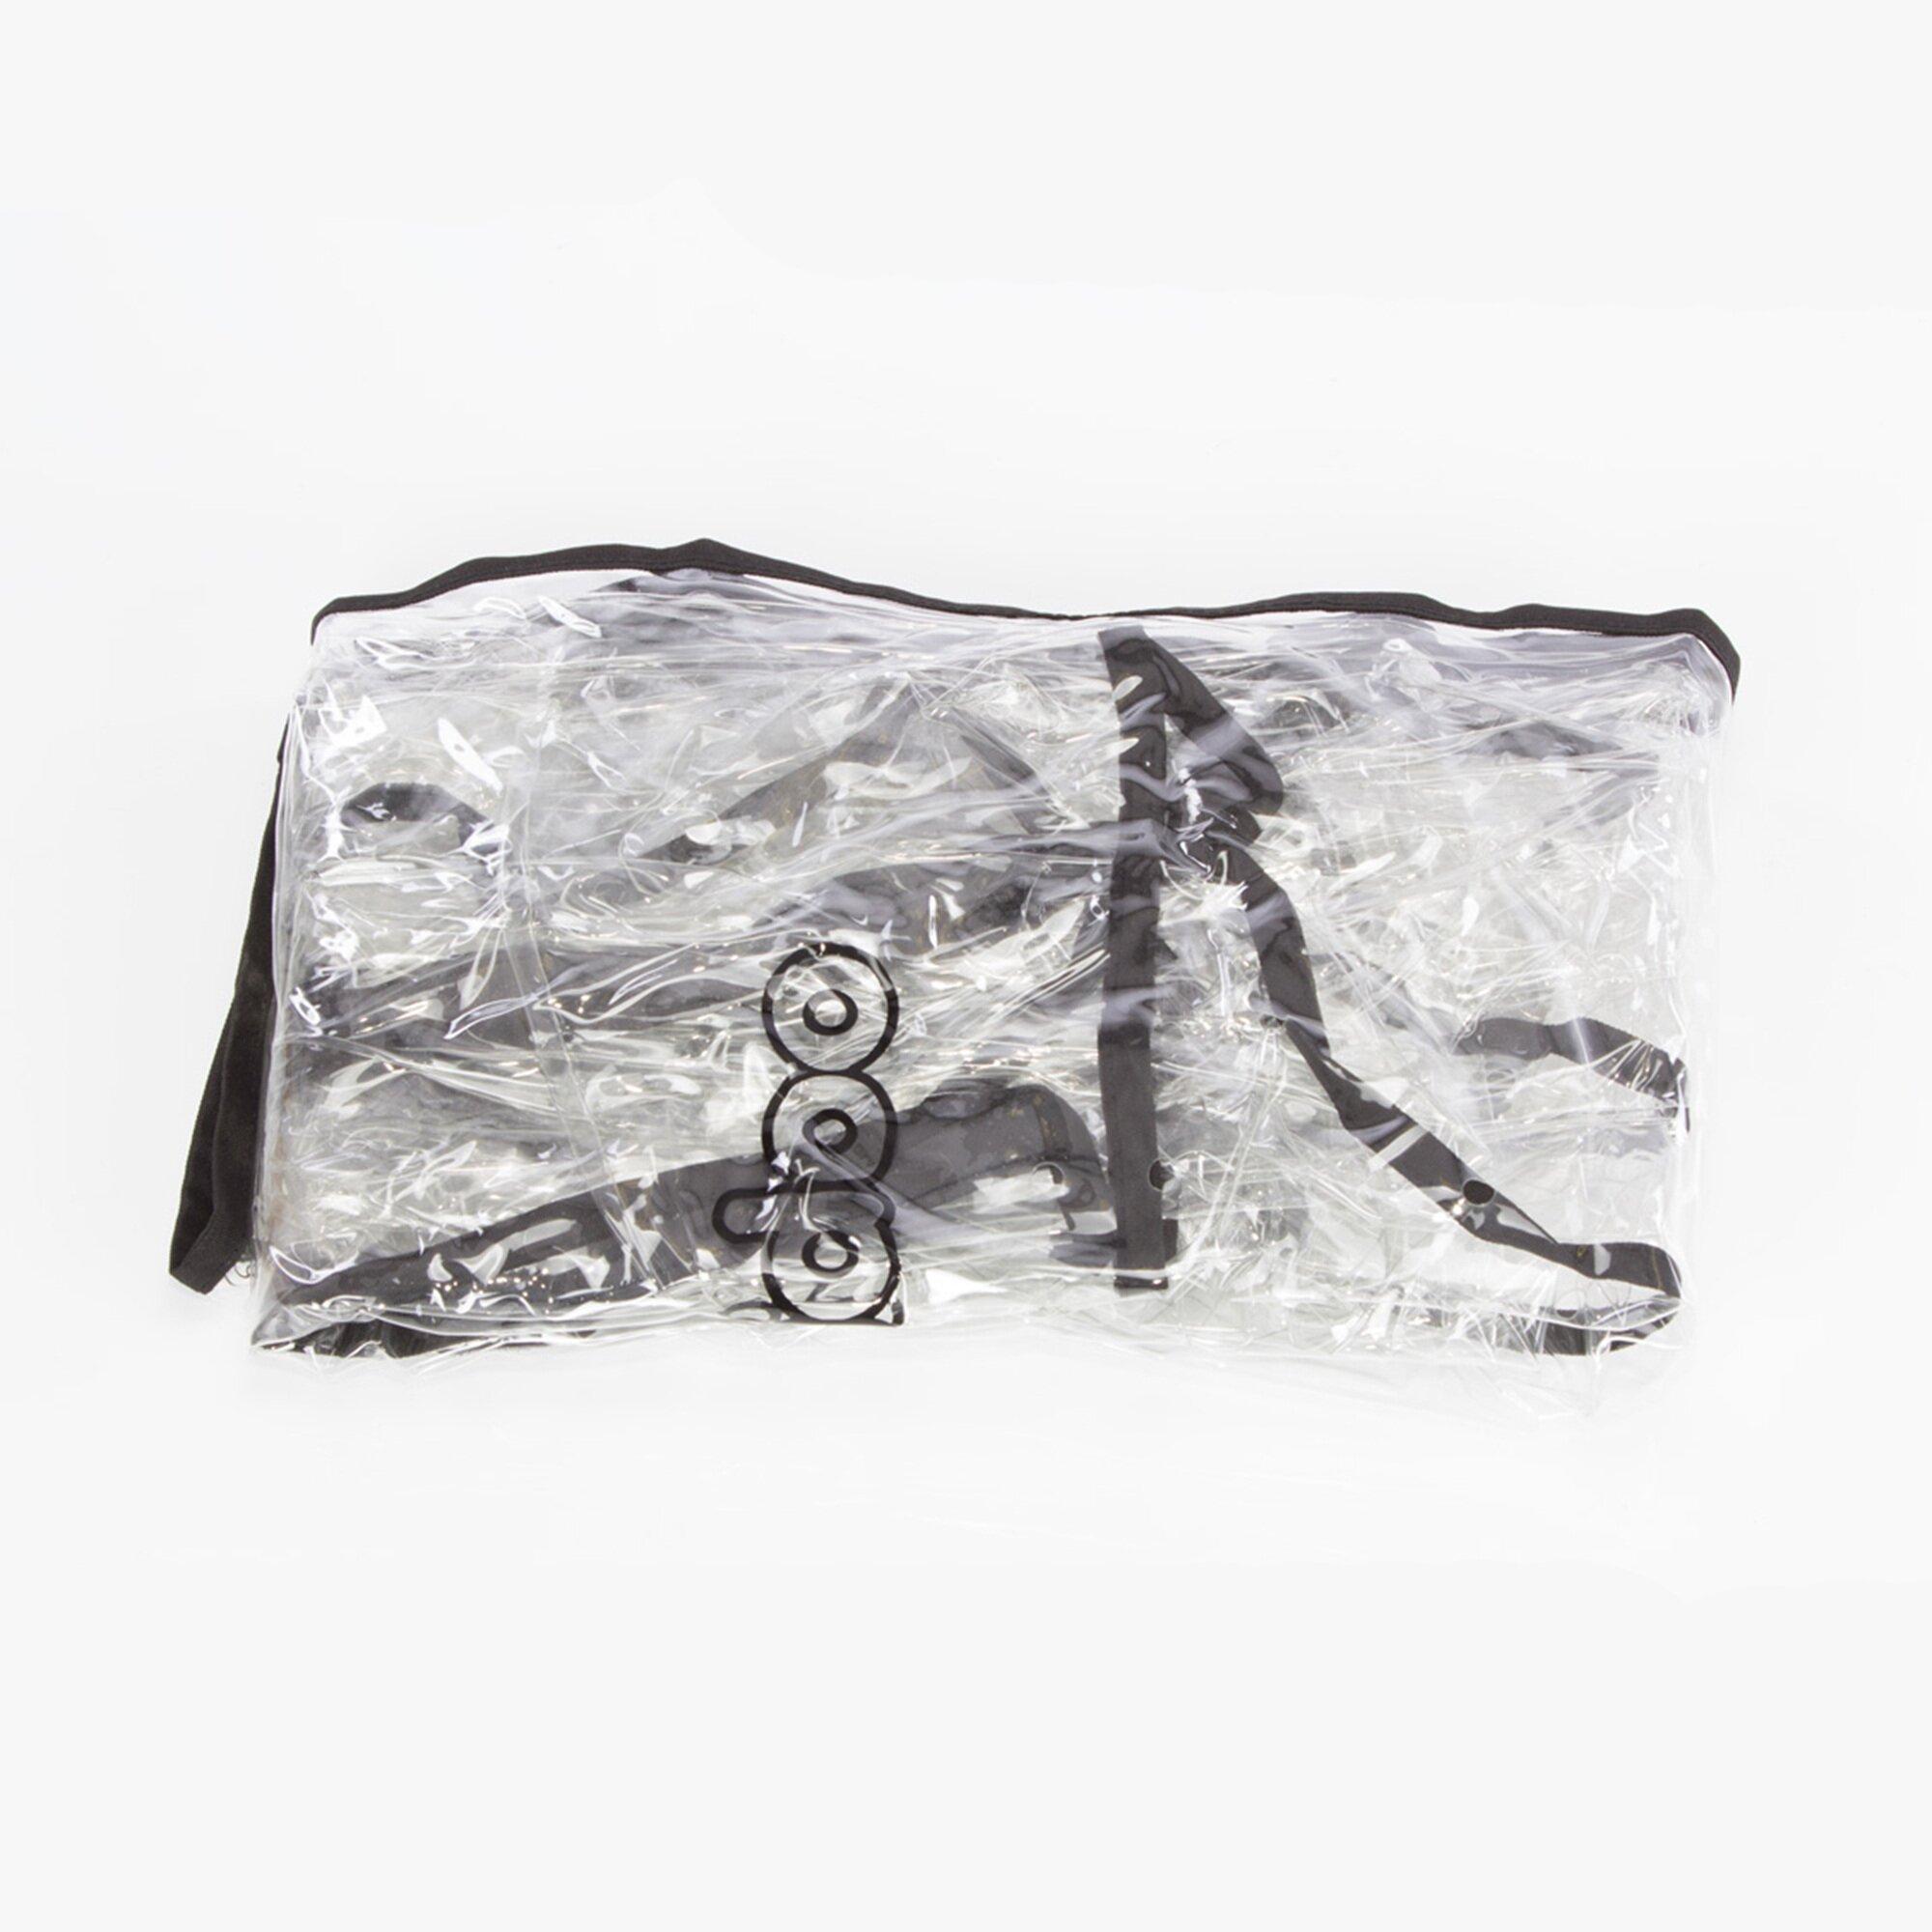 qeridoo-regenschutz-fur-kinderfahrradanhanger-kidgoo2-transparent